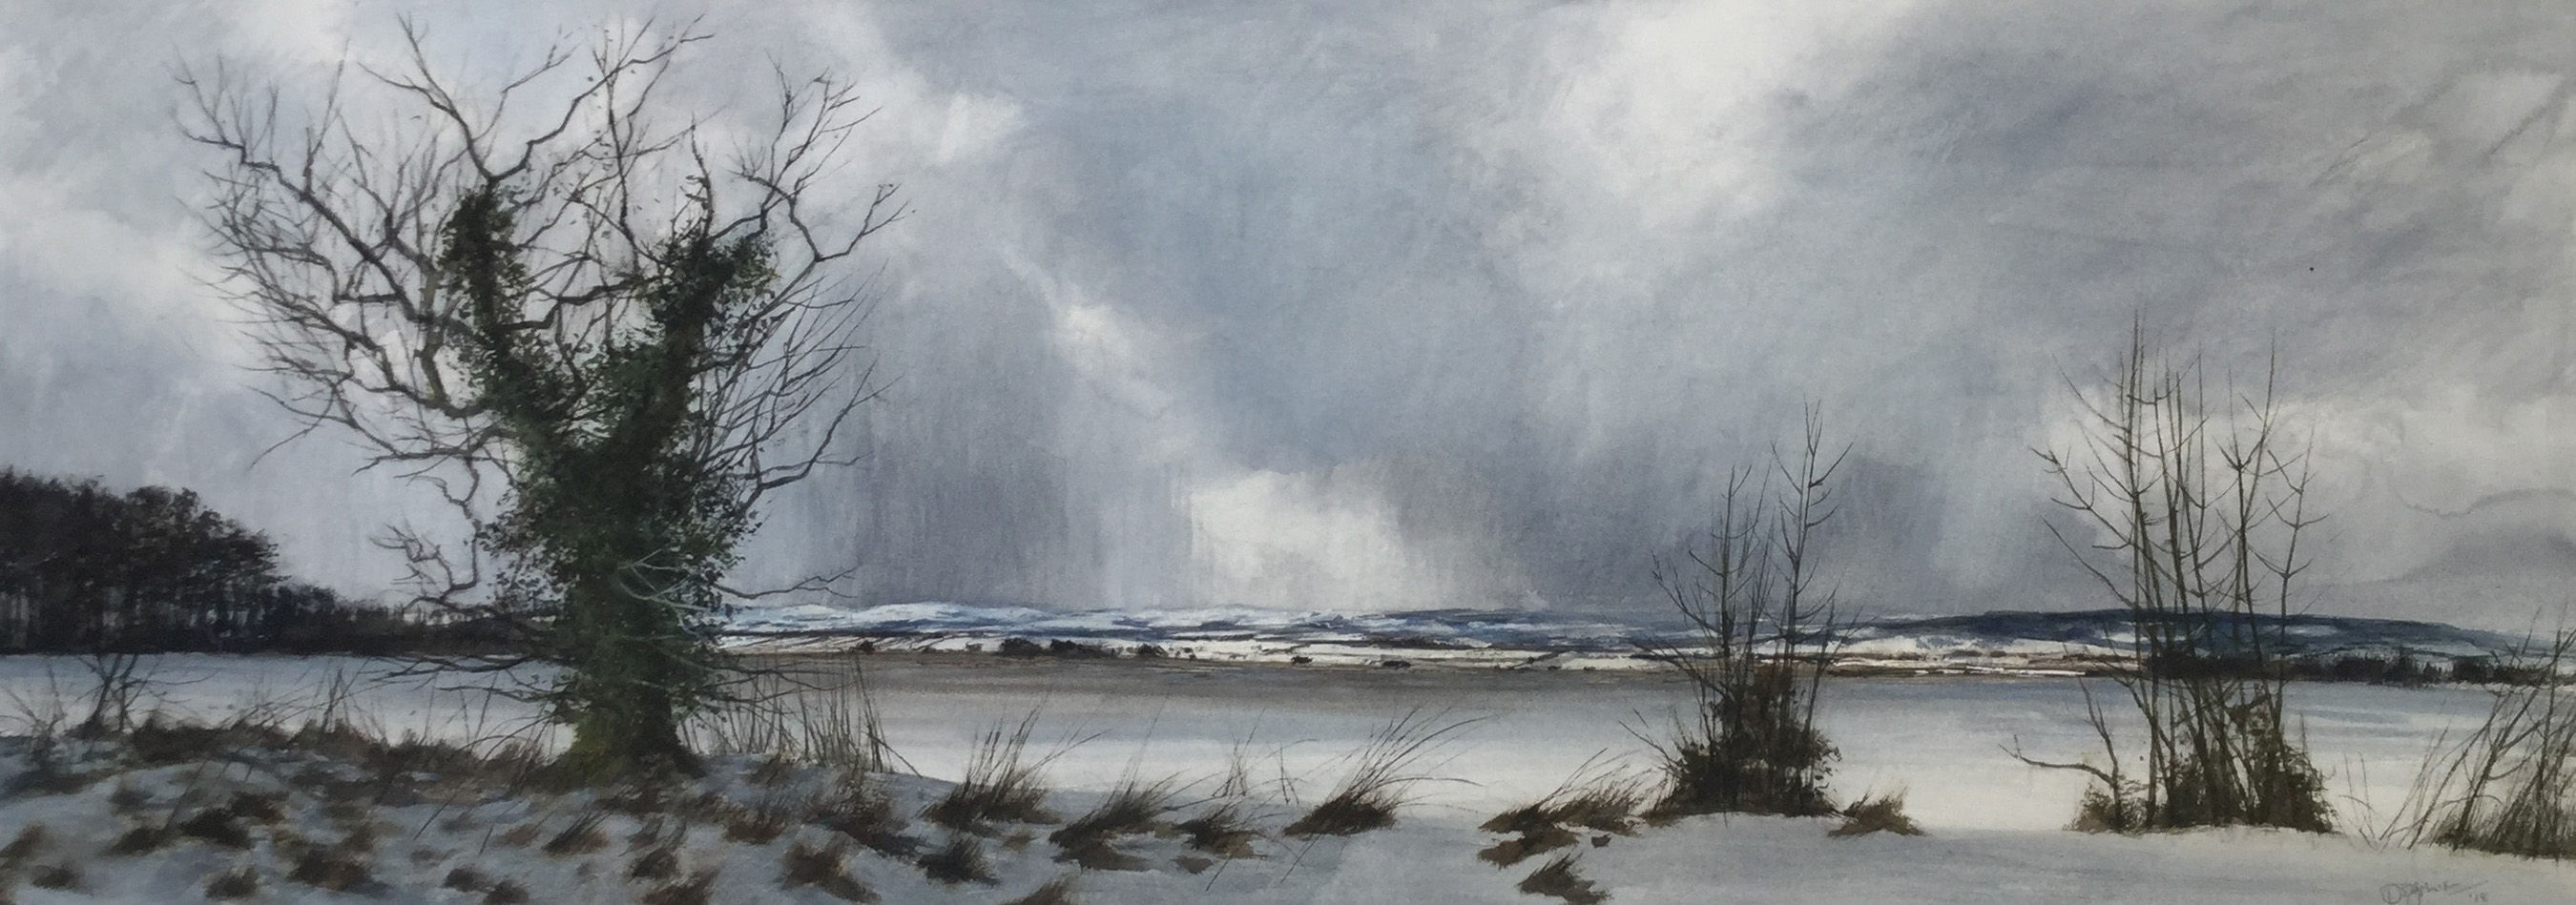 'Winter Treeline, The Mearns' David E Johnstone RSW Watercolour 71x25cm £1100